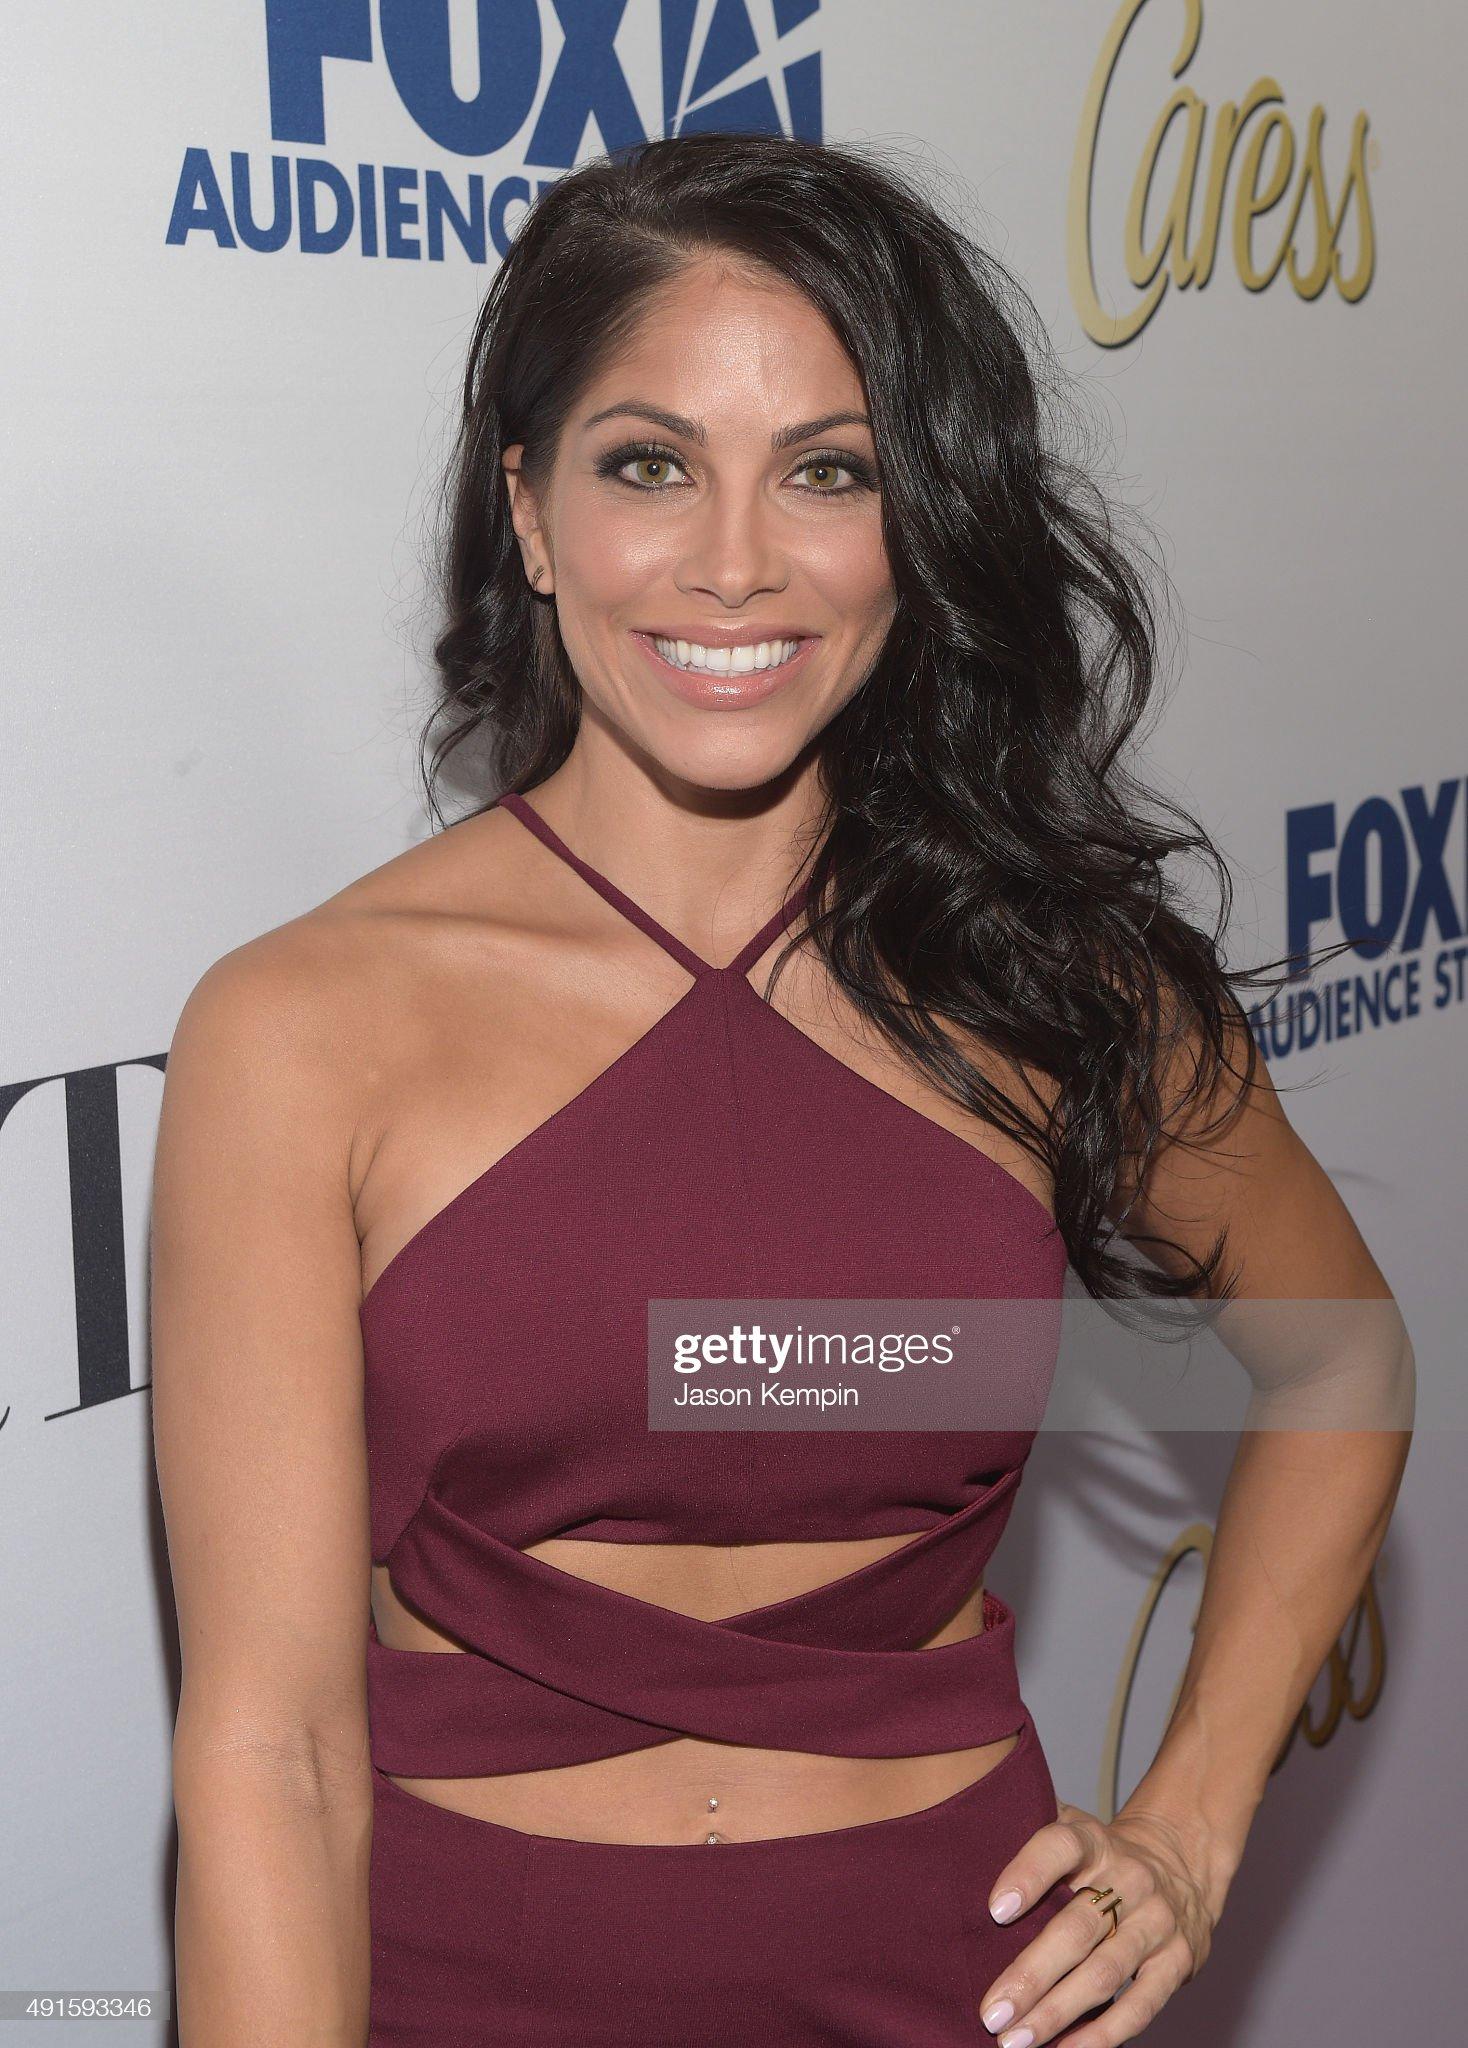 DEBATE sobre belleza, guapura y hermosura (fotos de chicas latinas, mestizas, y de todo) - VOL II - Página 9 Actress-valery-ortiz-attends-the-latina-hot-list-party-hosted-by-picture-id491593346?s=2048x2048